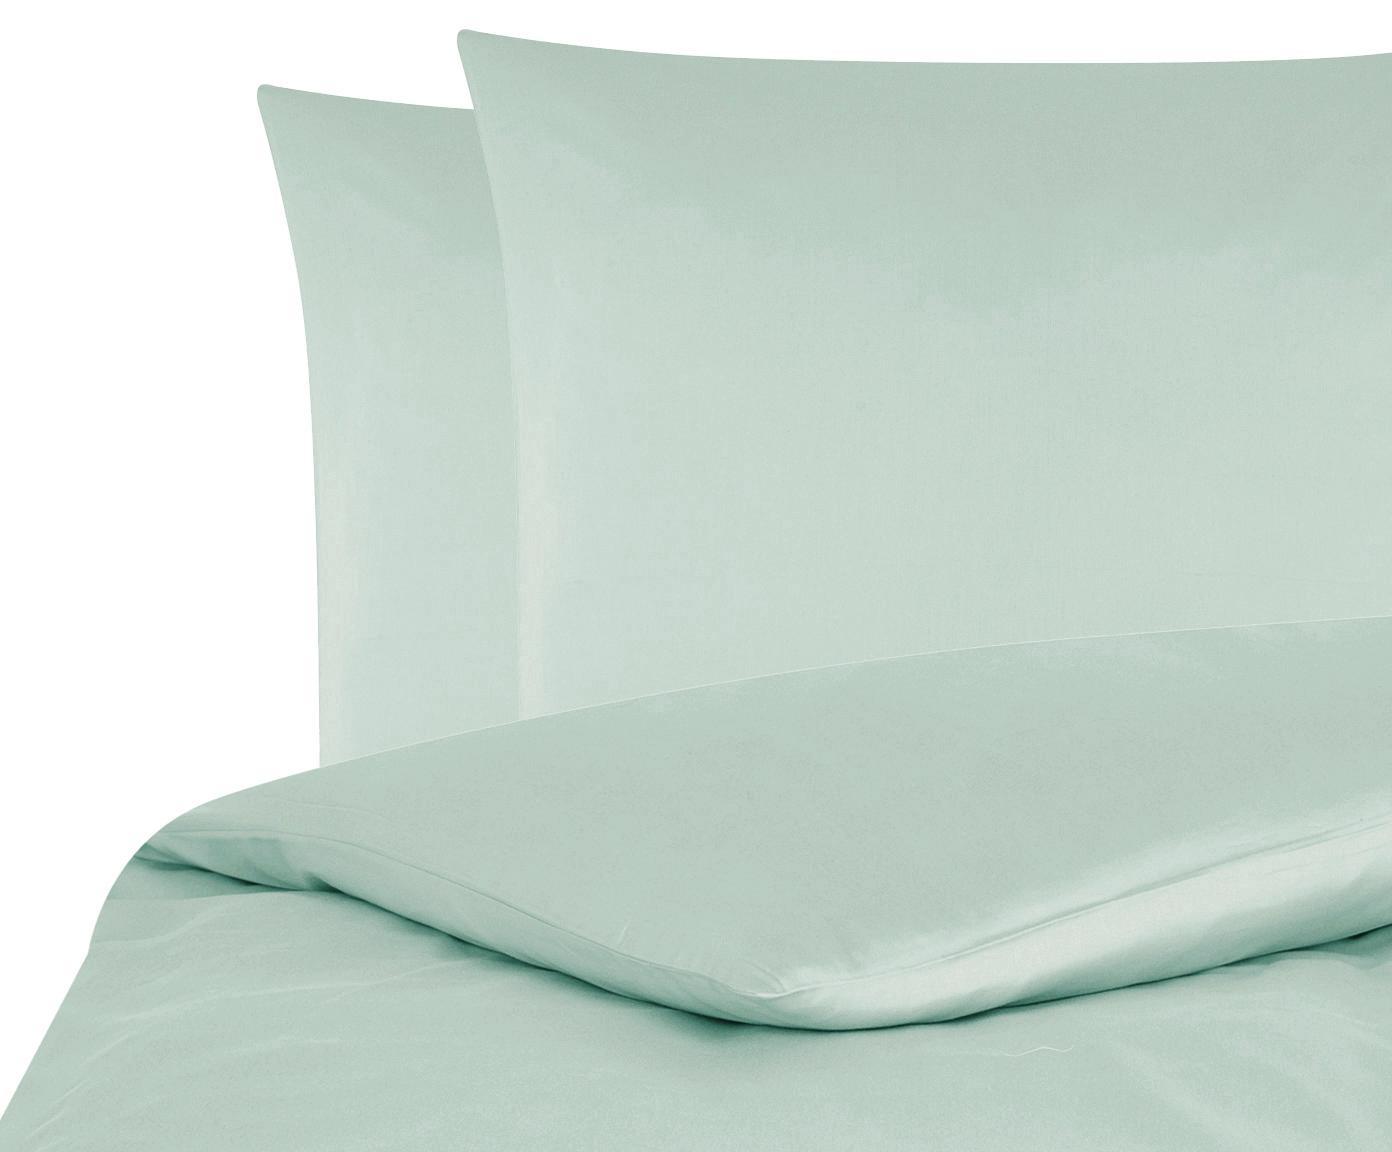 Parure copripiumino in raso di cotone Comfort, Verde salvia, 255 x 200 cm